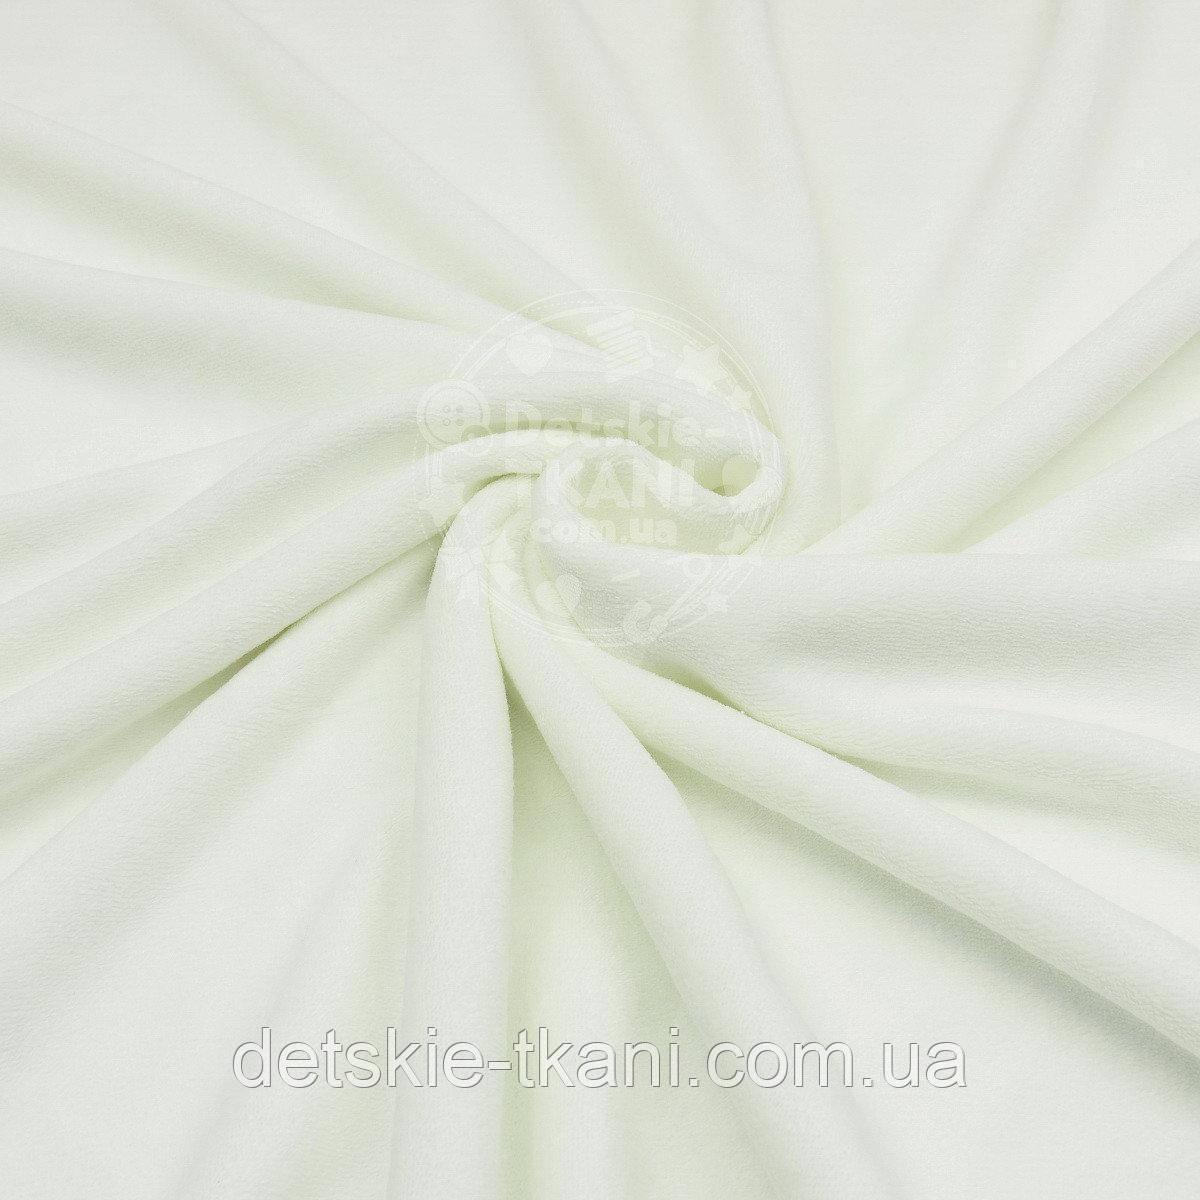 Лоскут однотонного ХБ велюра белого цвета, размер 160*80 см (есть  загрязнение)